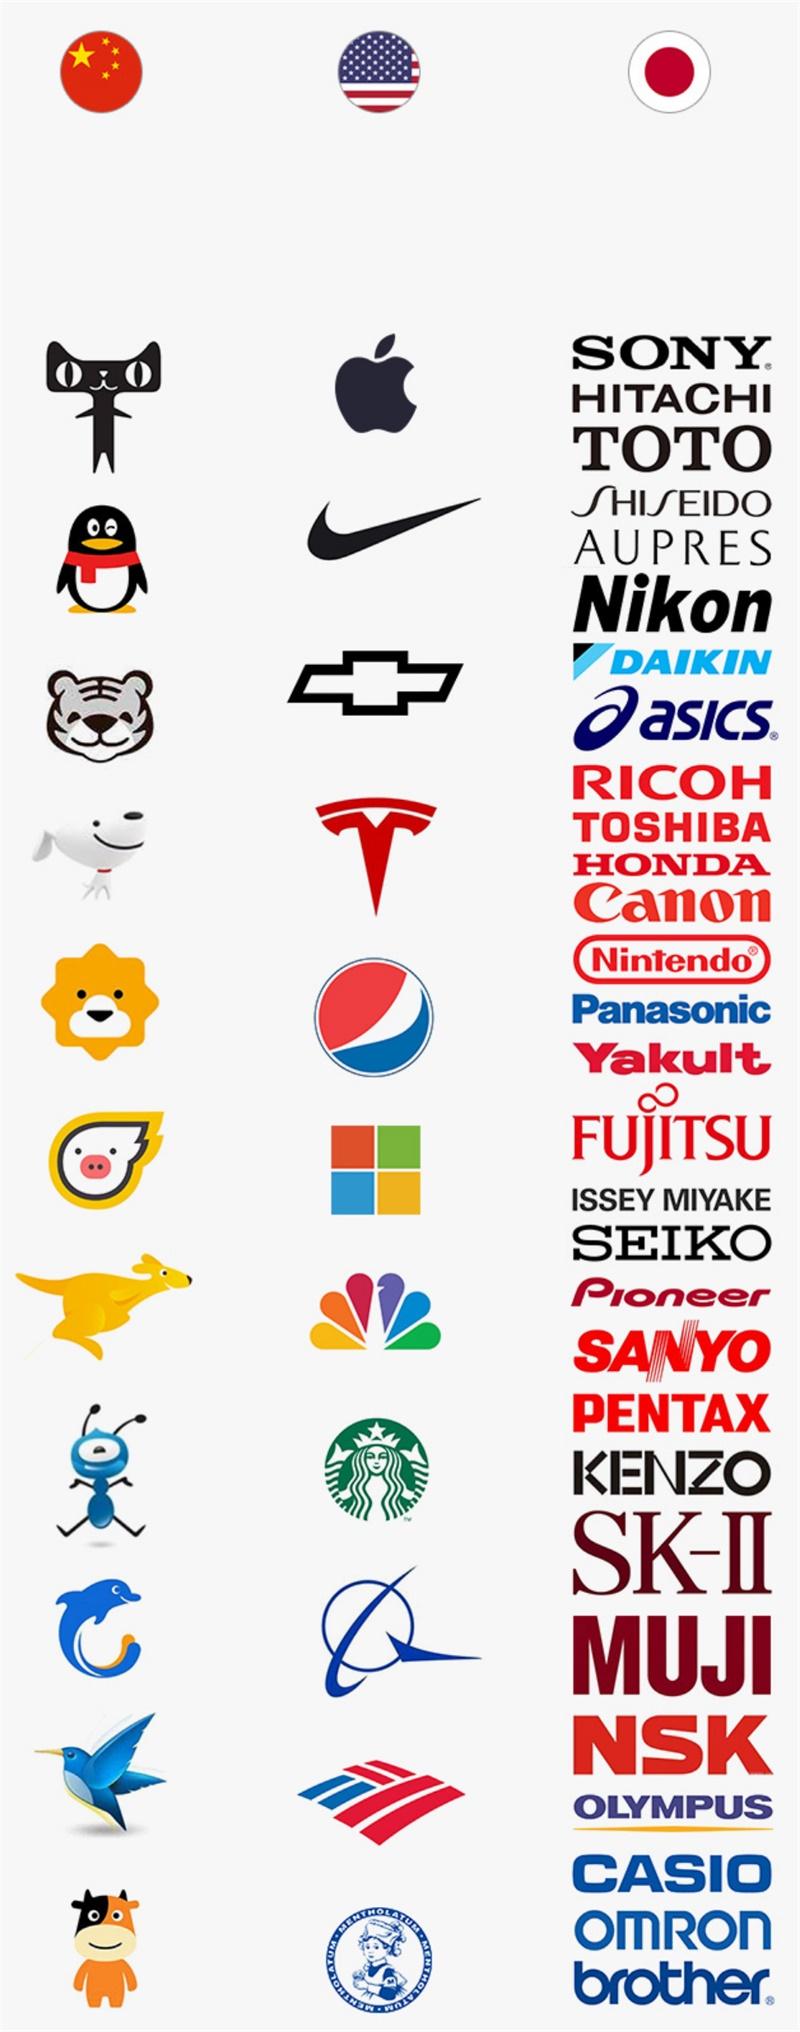 了解这10个差异,做海外产品设计不用慌!